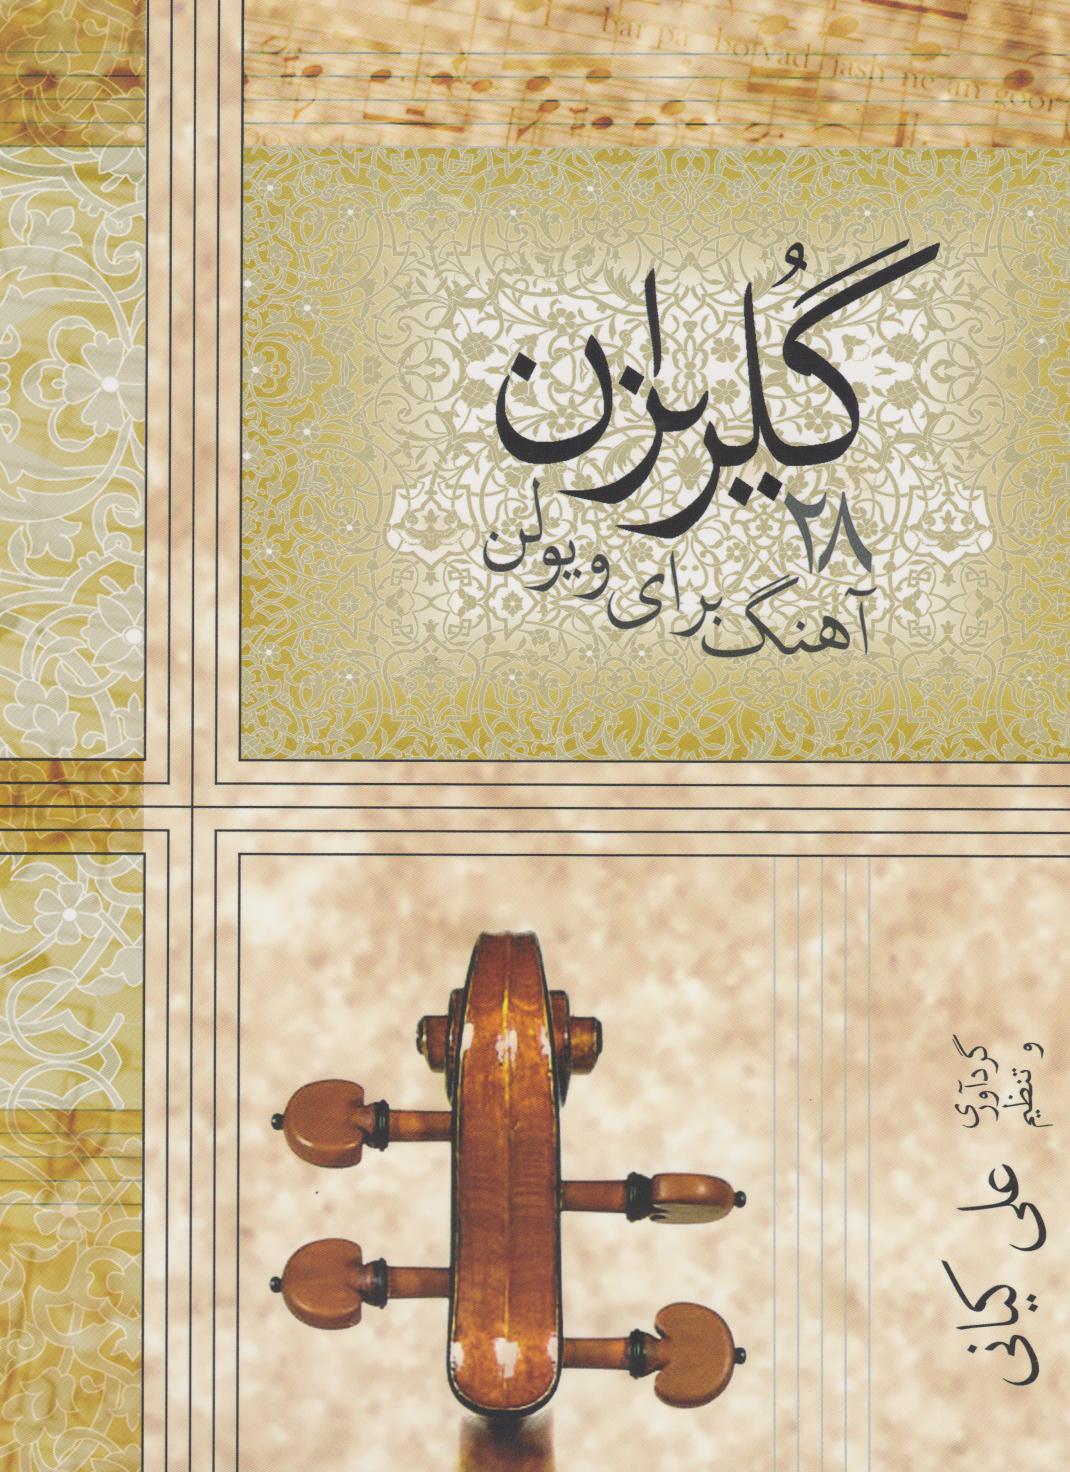 کتاب گلریزان (28 آهنگ برای ویولن) علی کیانی انتشارات هور مهر